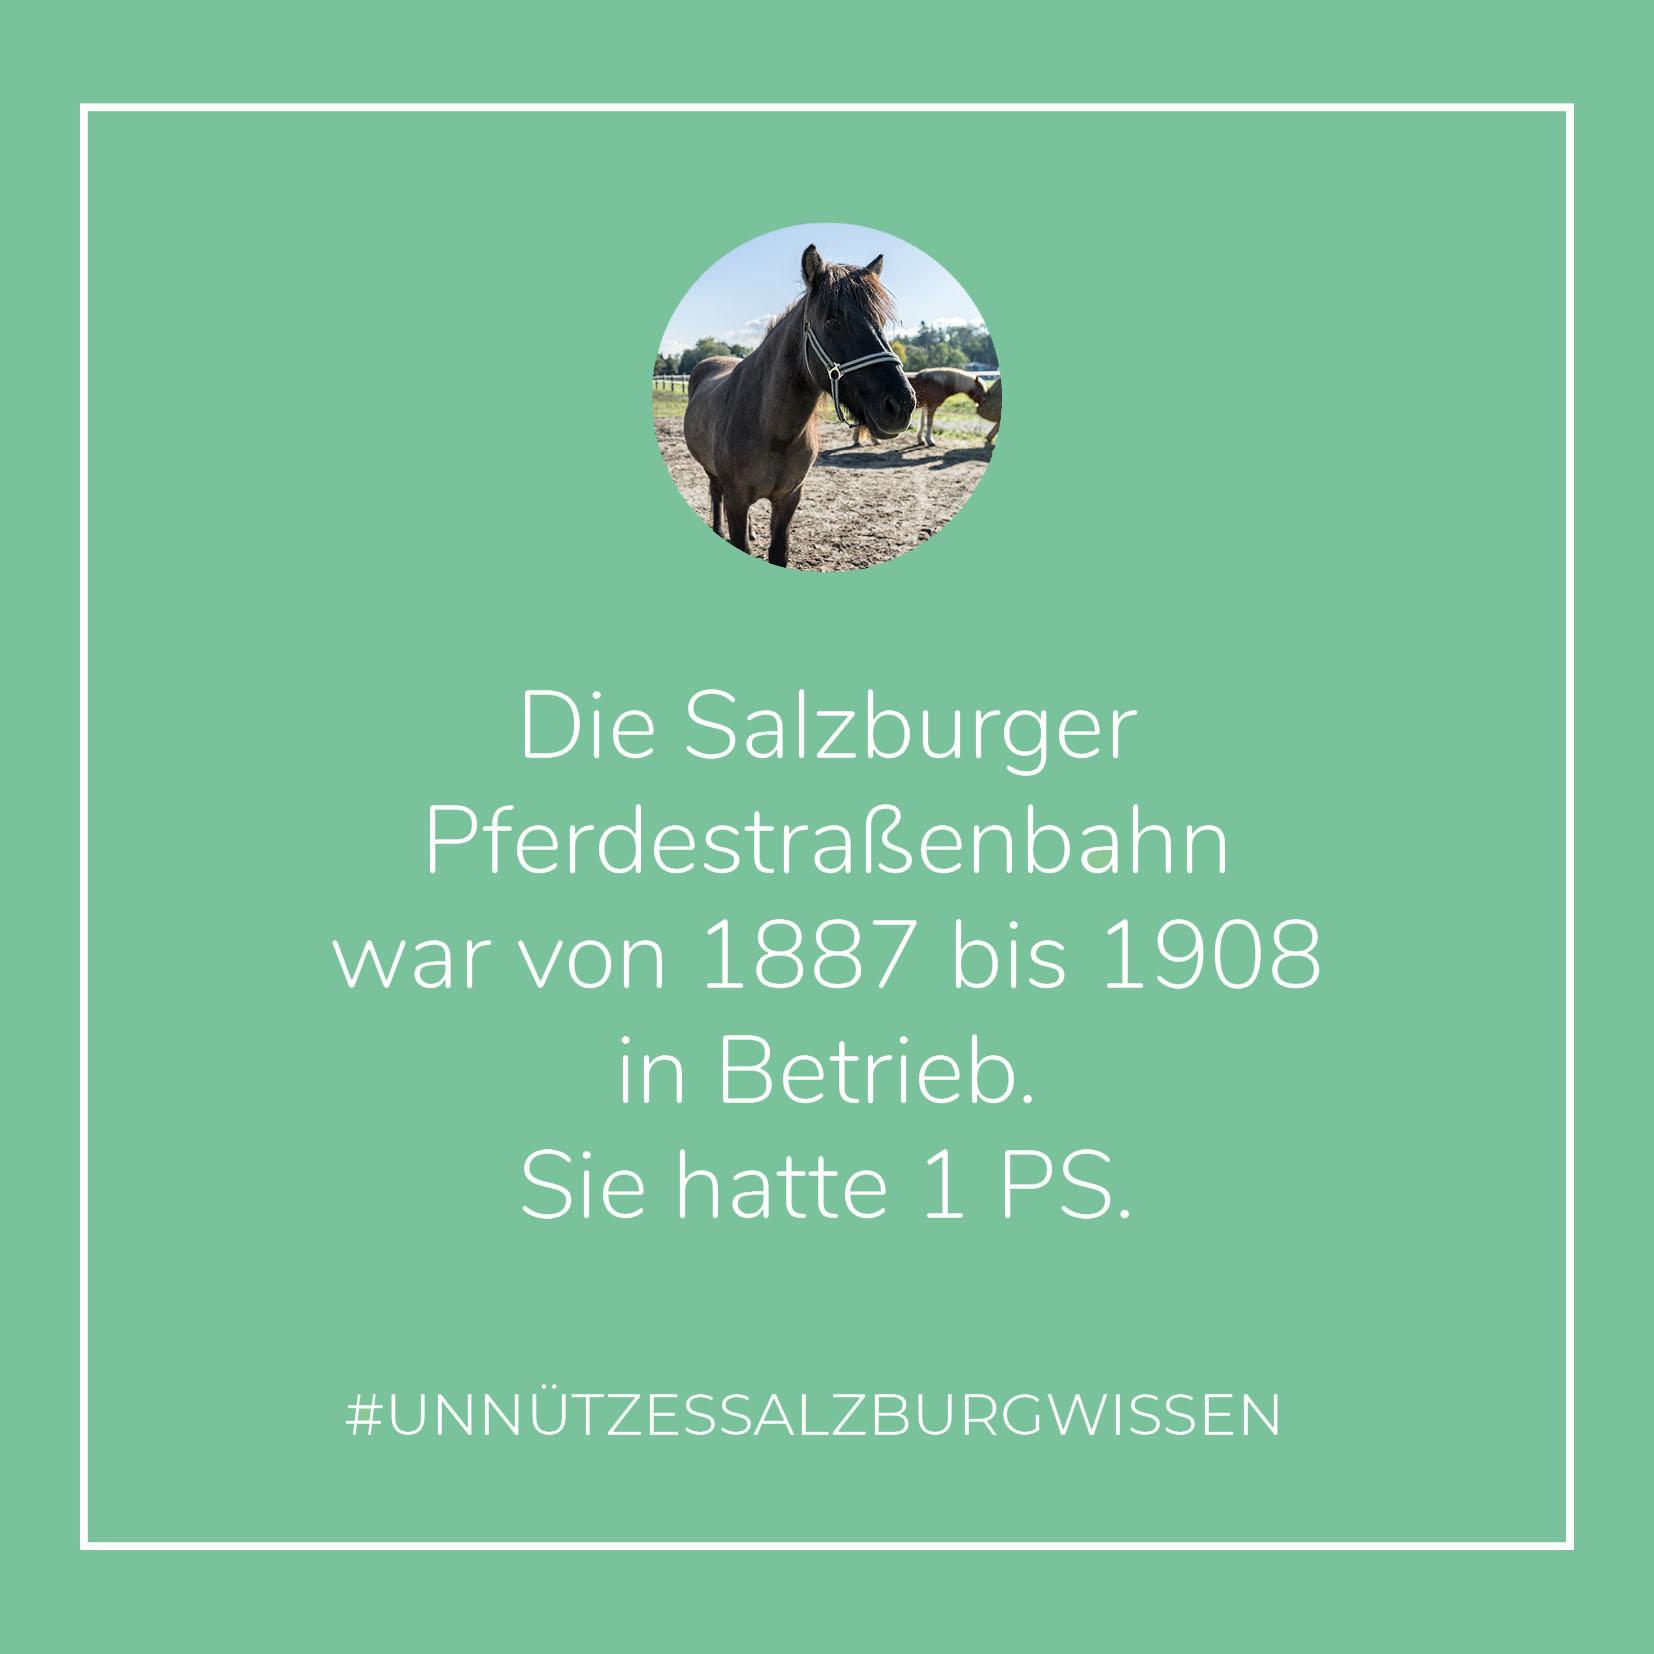 Unnützes SalzburgWissen - Pferdestraßenbahn (c) STADTBEKANNT